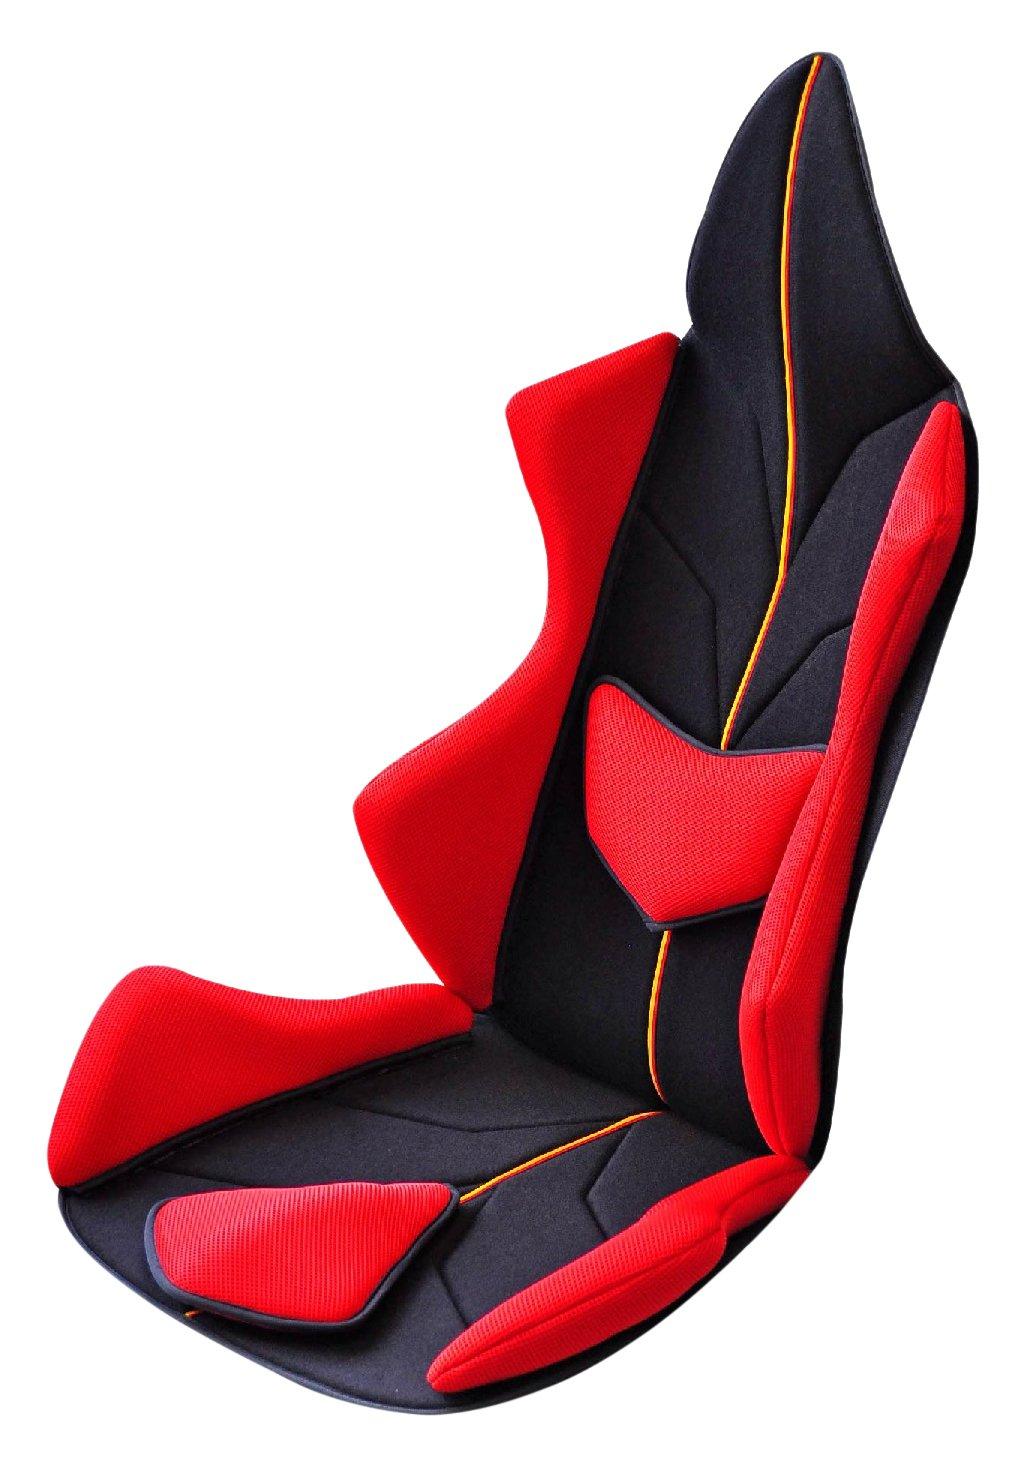 Mission Praise(ミッションプライズ) スギウラクラフト AMAZING GT (アメージングGT) シートクッション PROTECT (プロテクト) レッド/ジャーマン B01HRML9MG  レッド/ジャーマン